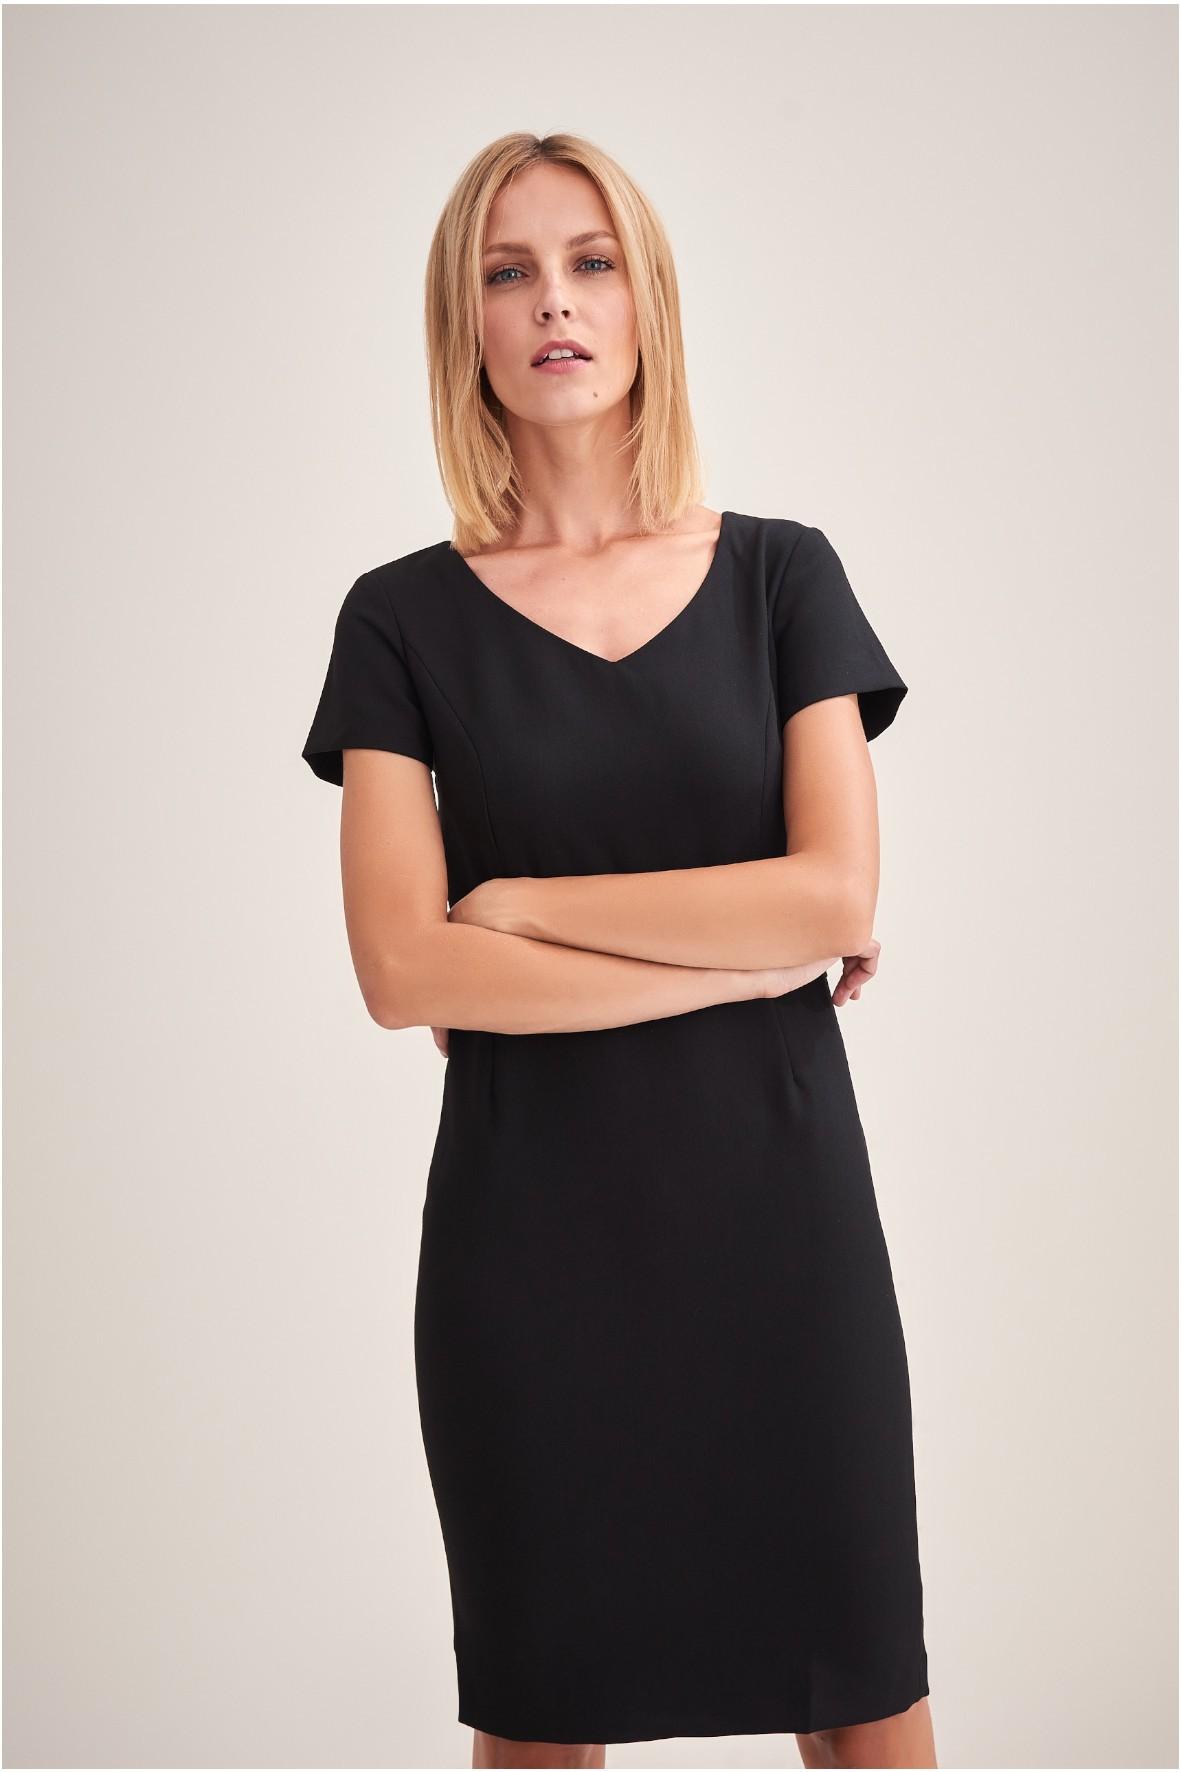 Klasyczna mała czarna sukienka z krótkim rękawem